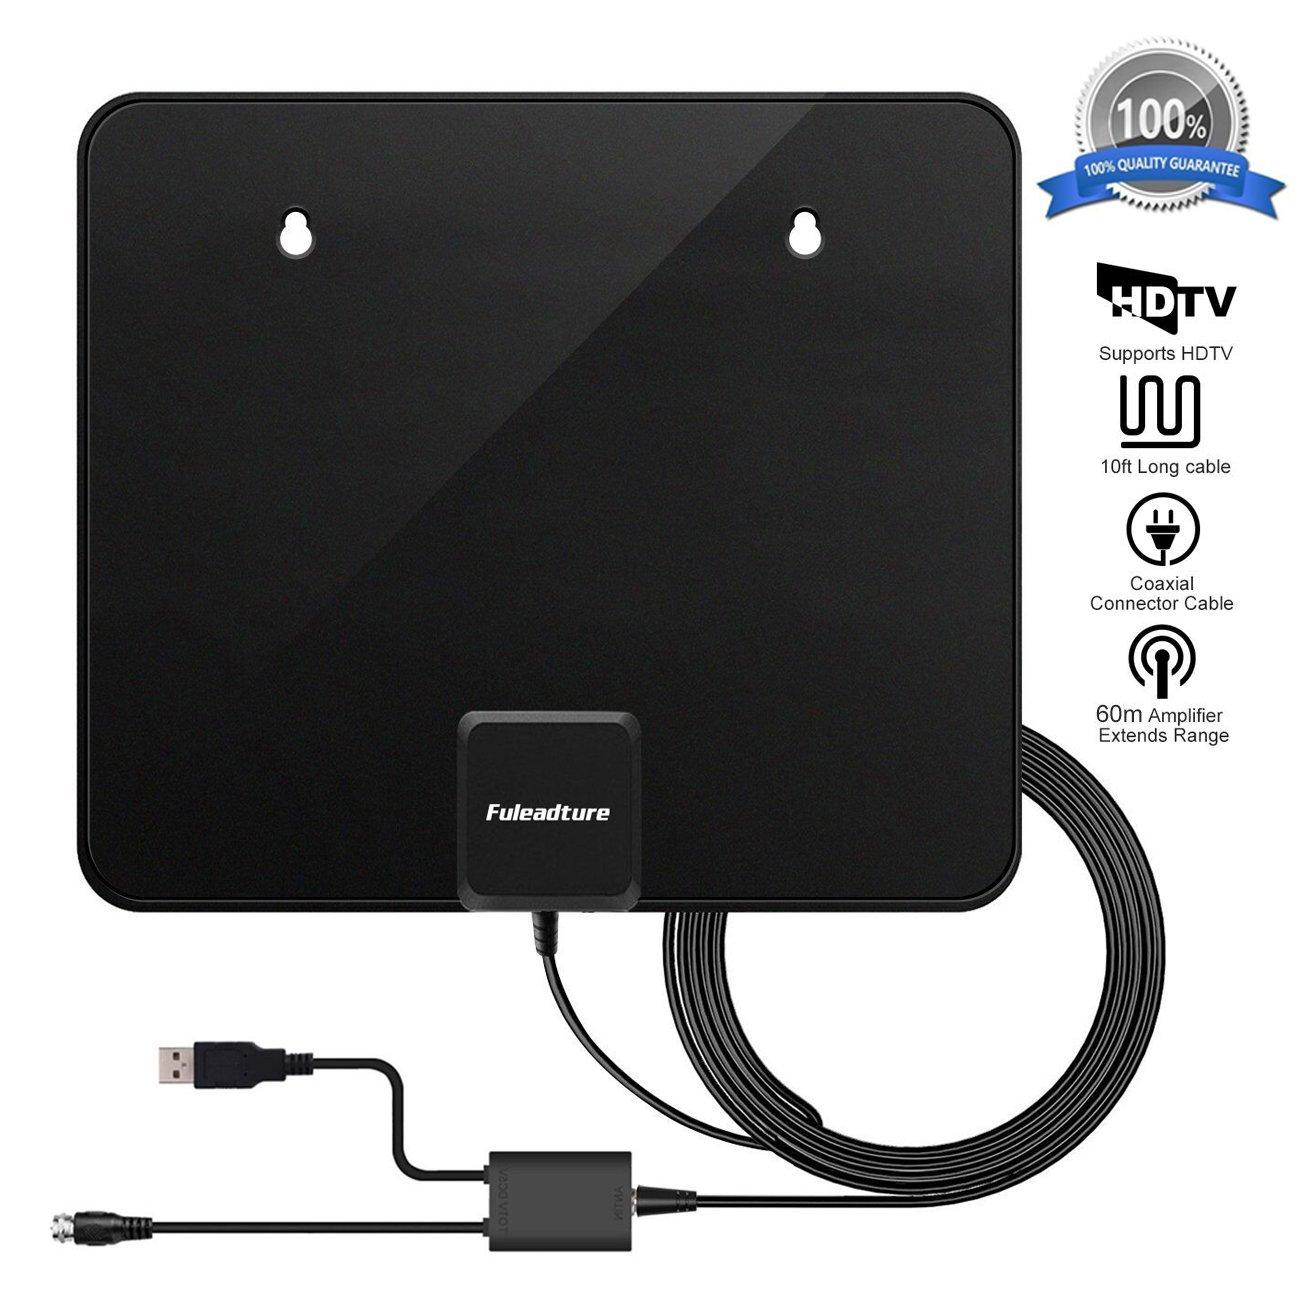 Antena de TV, Fuleadture Ultra plana Antena Interior 1080P HDTV Amplificador 60 Miles Gama de Recepción 3m de cables de alto rendimiento Duraderos y ...